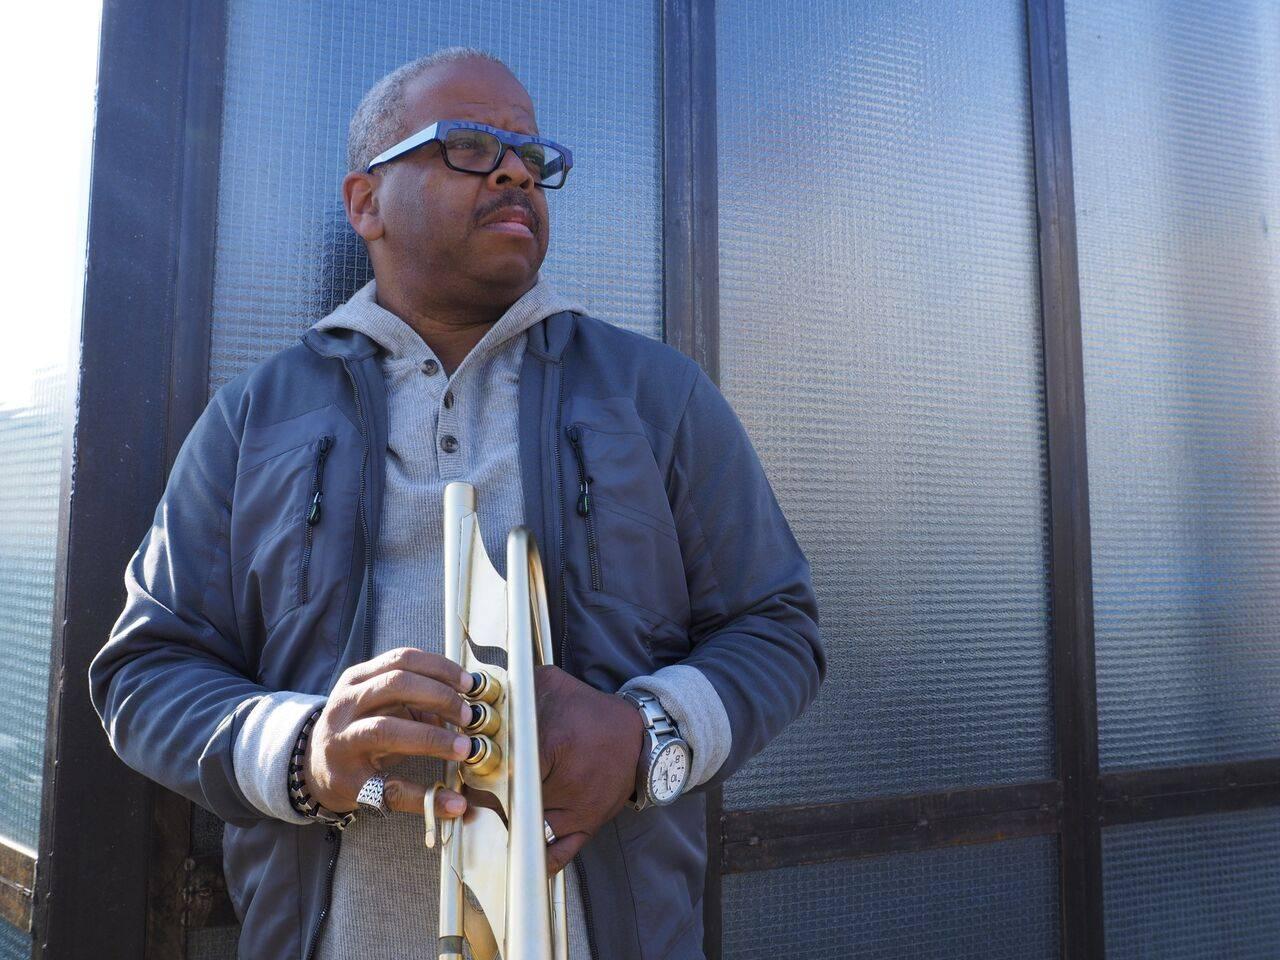 JazzFestBrno chystá podzimní ozvěny. Vrátí se hudební šaman Richard Bona, premiérově zahraje Terence Blanchard